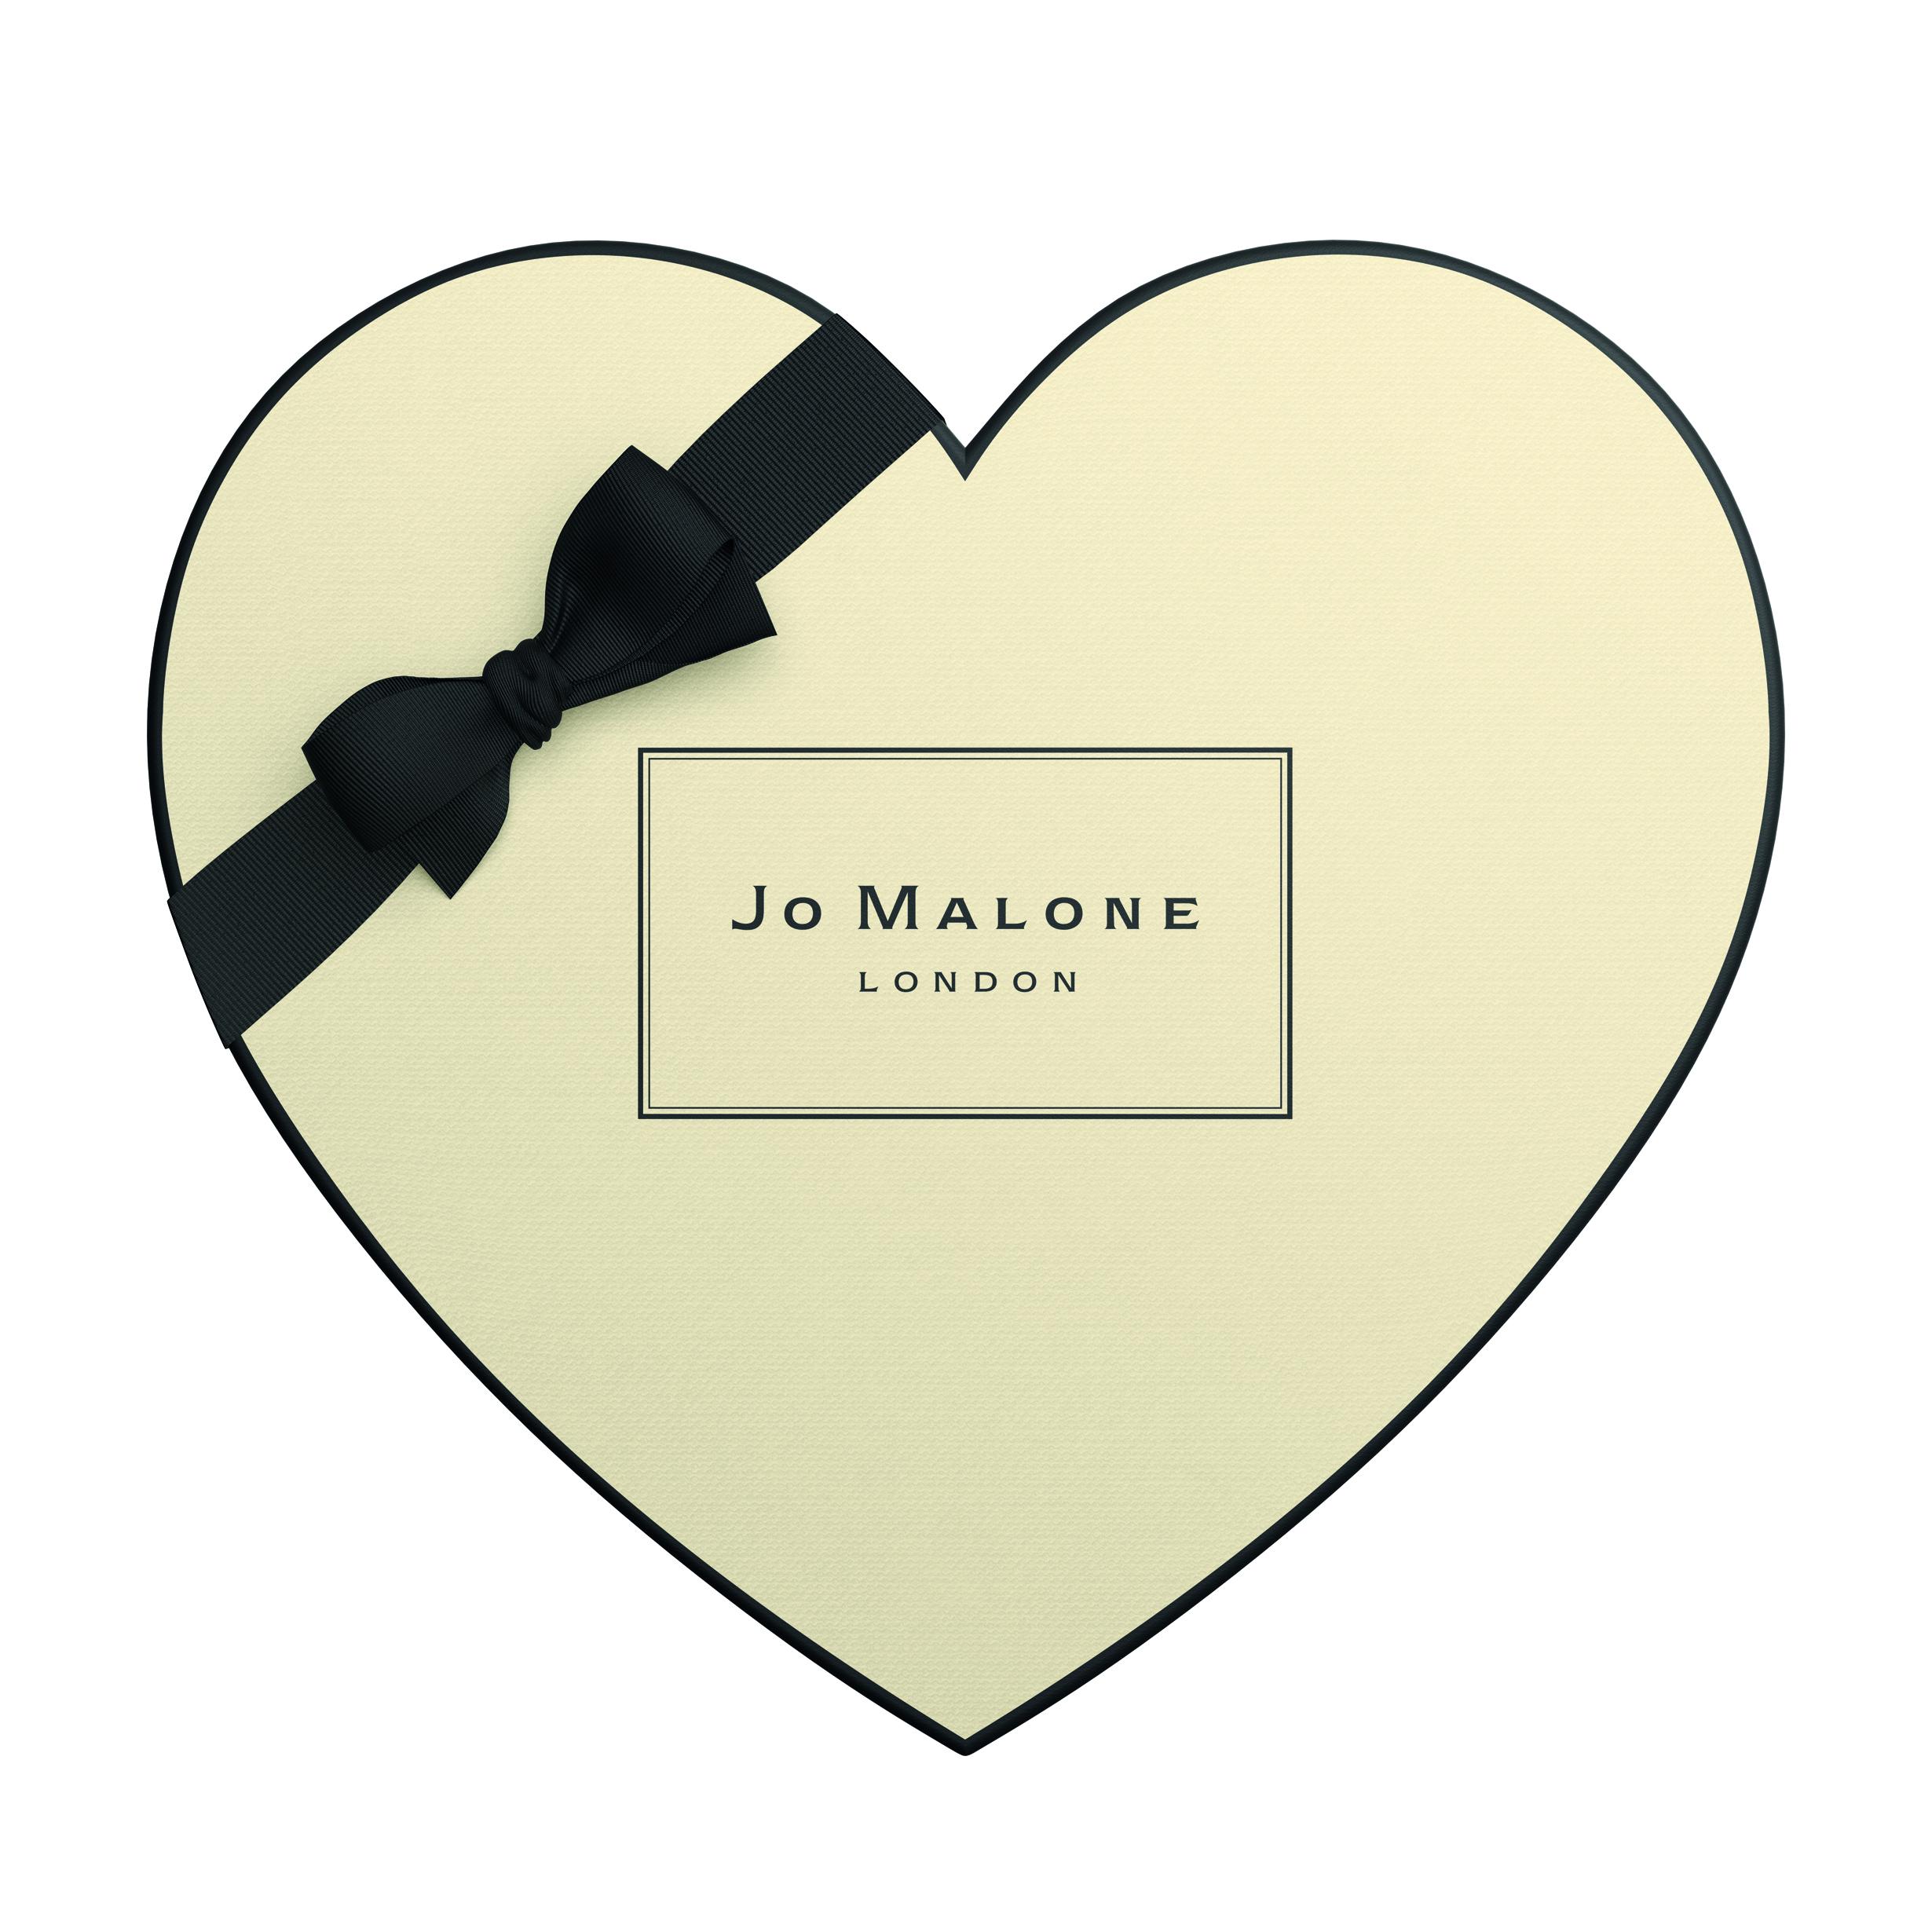 Jo Malone London - Flower Box